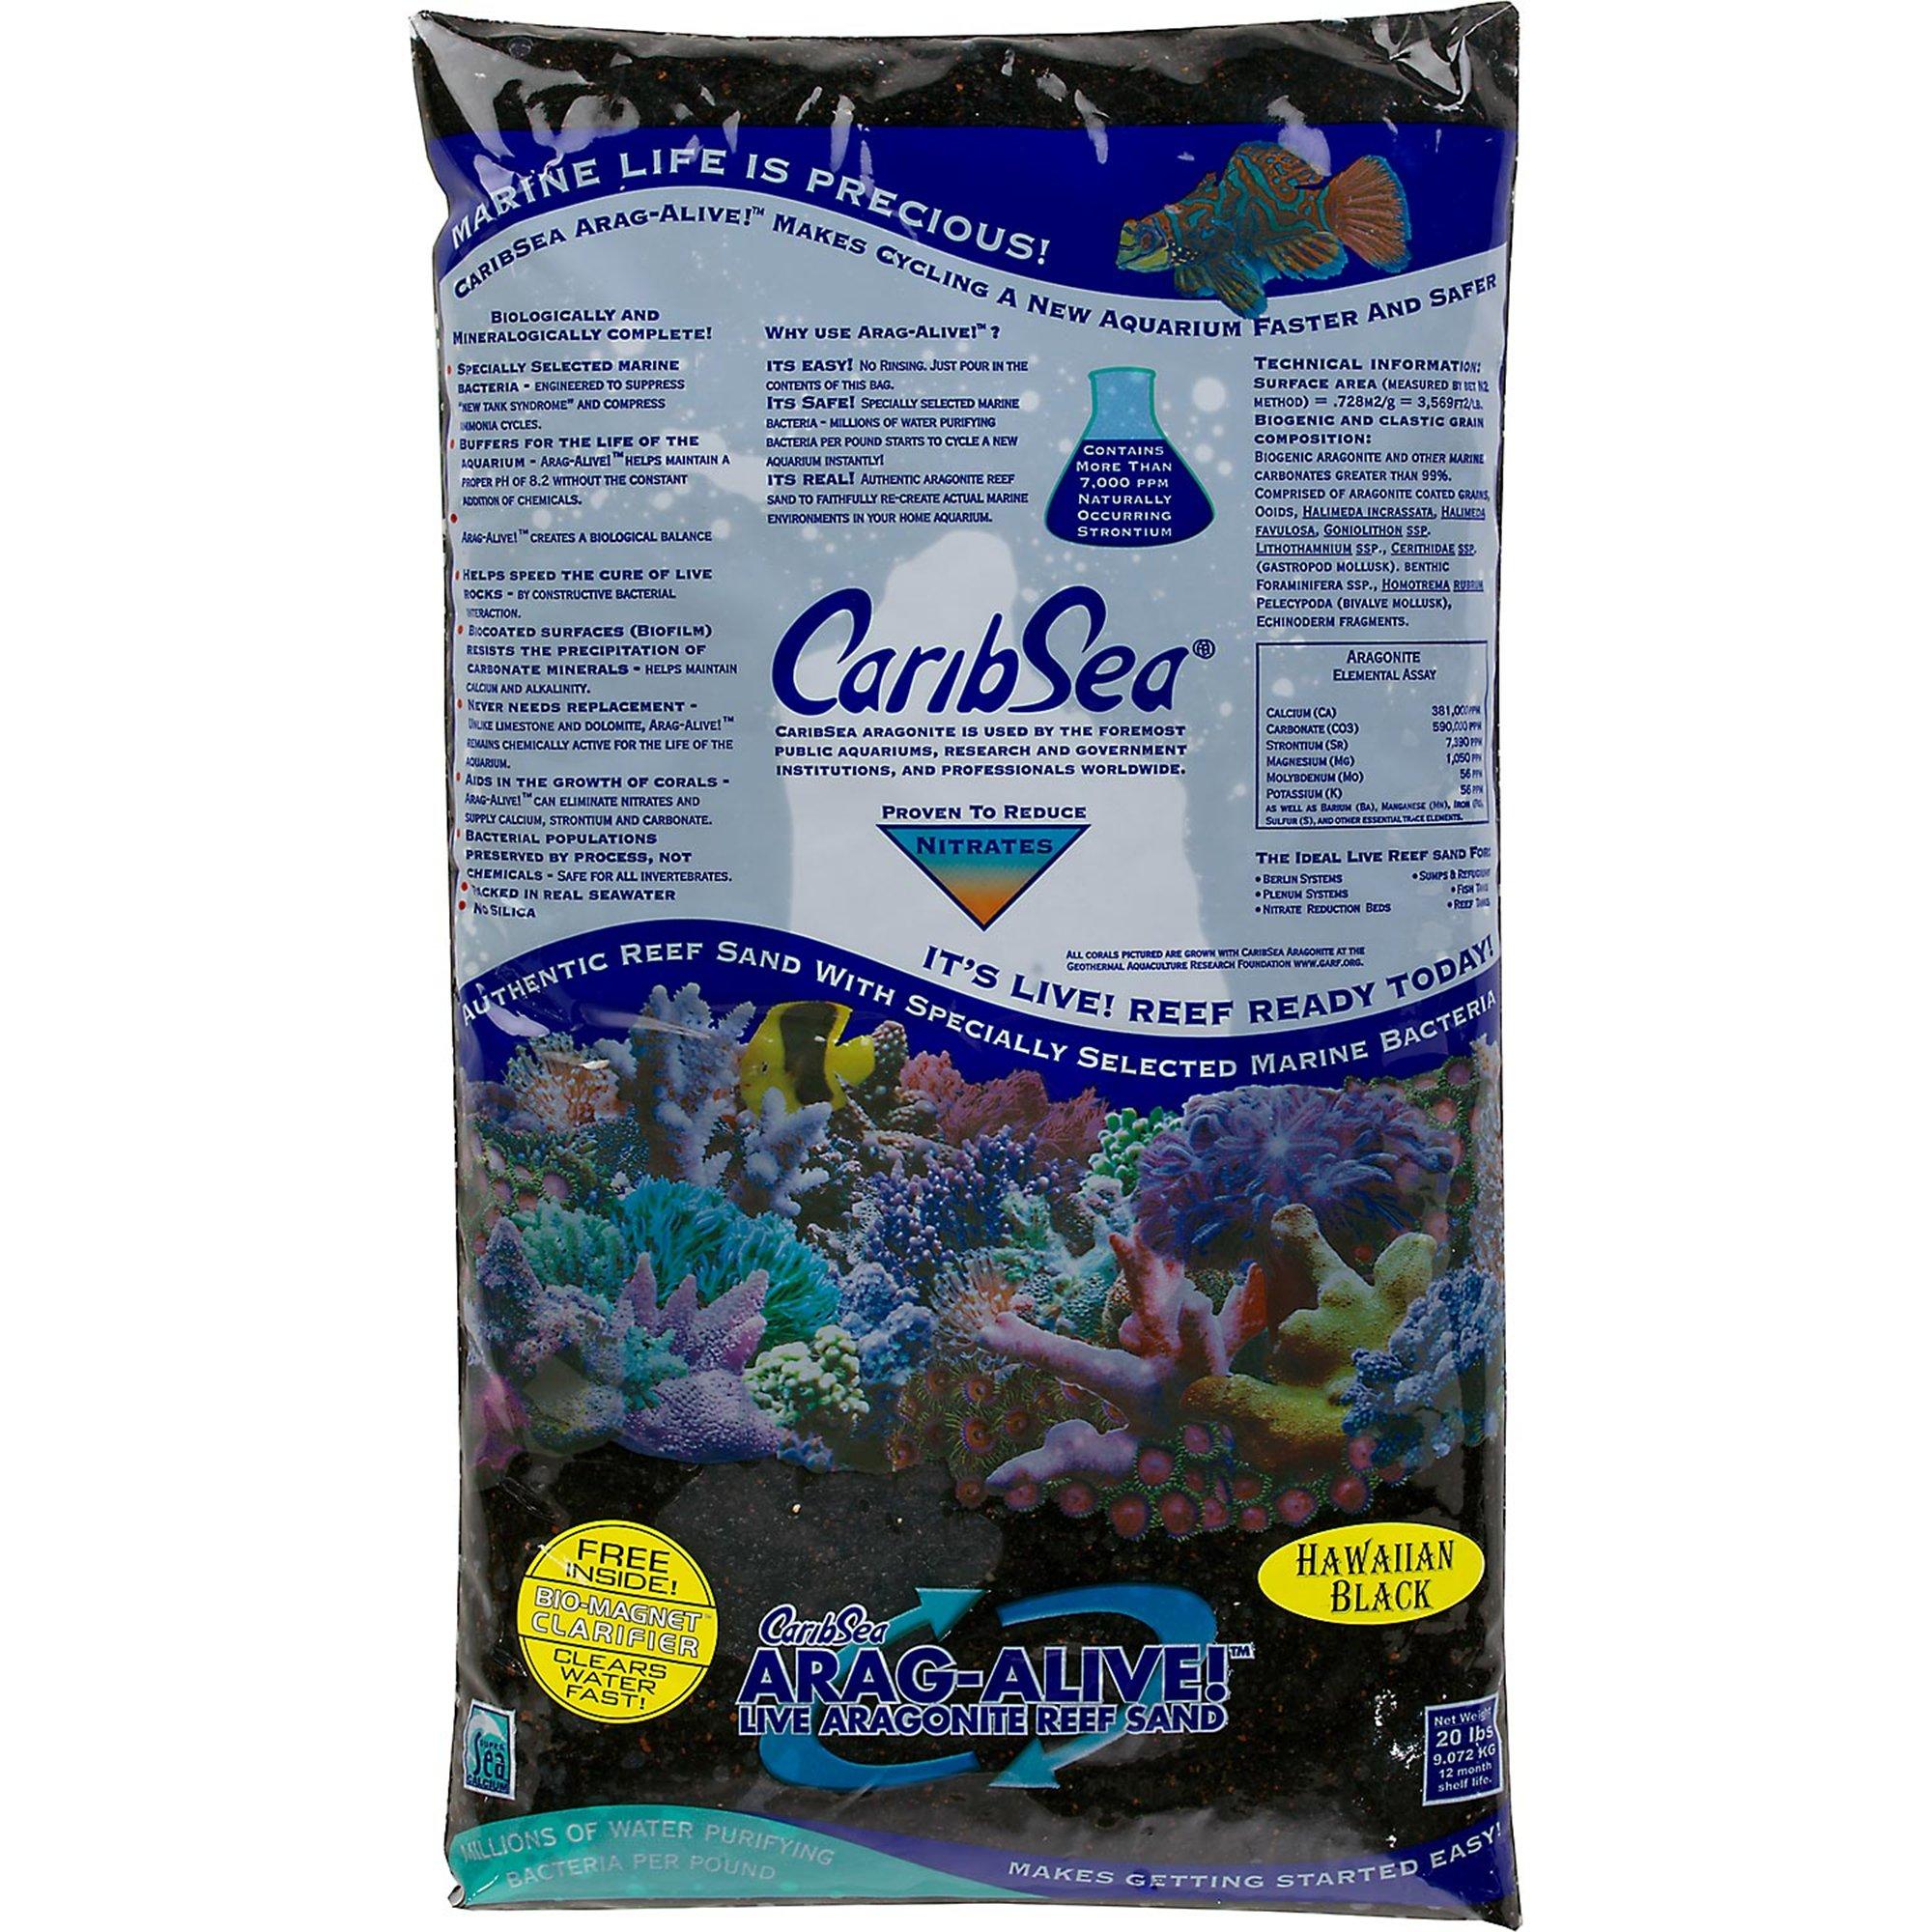 CaribSea Arag-Alive Bahamas Oolite Aquarium Sand